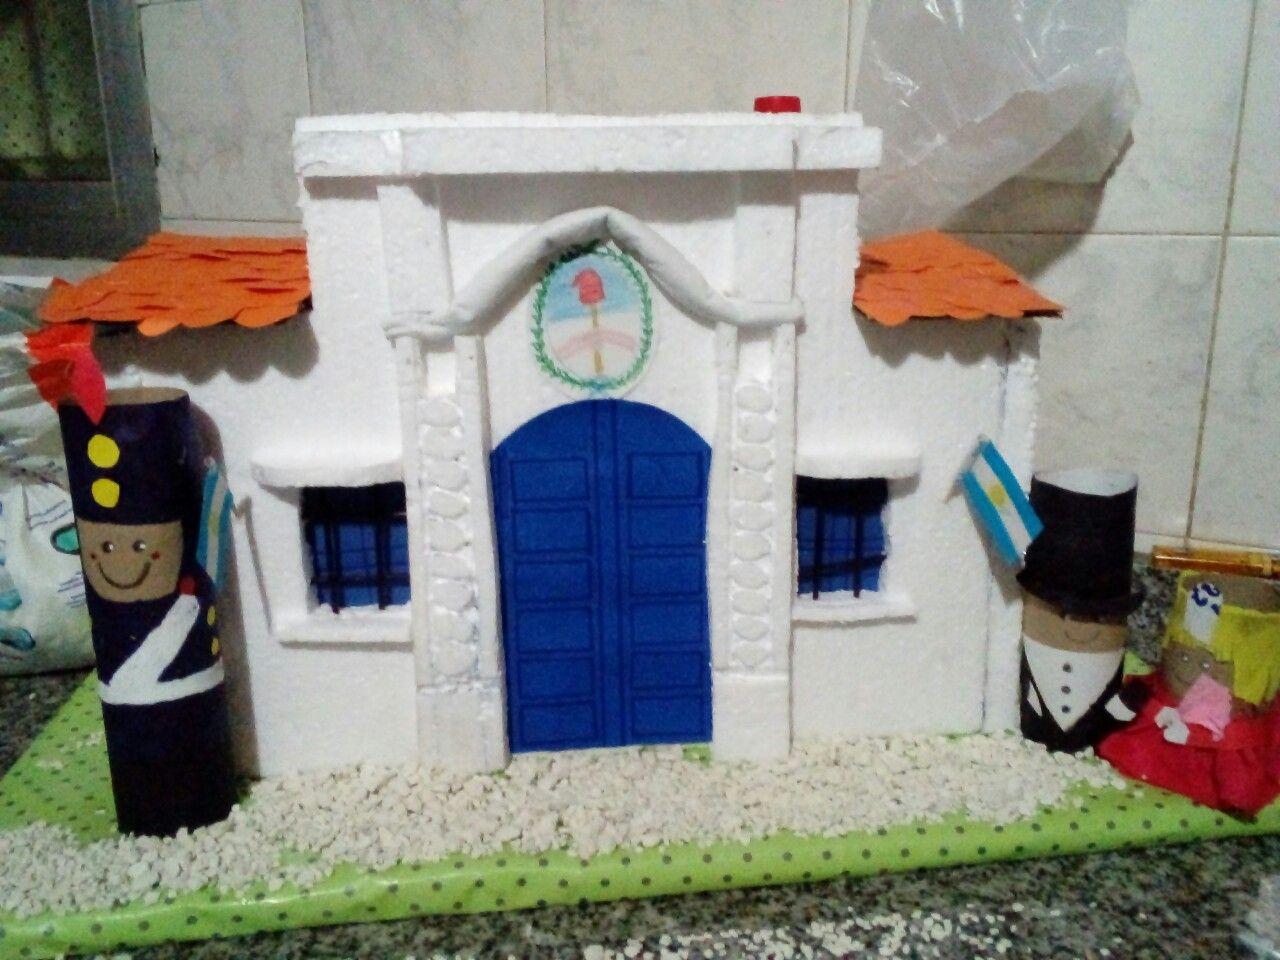 Casa de tucuman echa de tegopol y soldadito de tubo de carton.